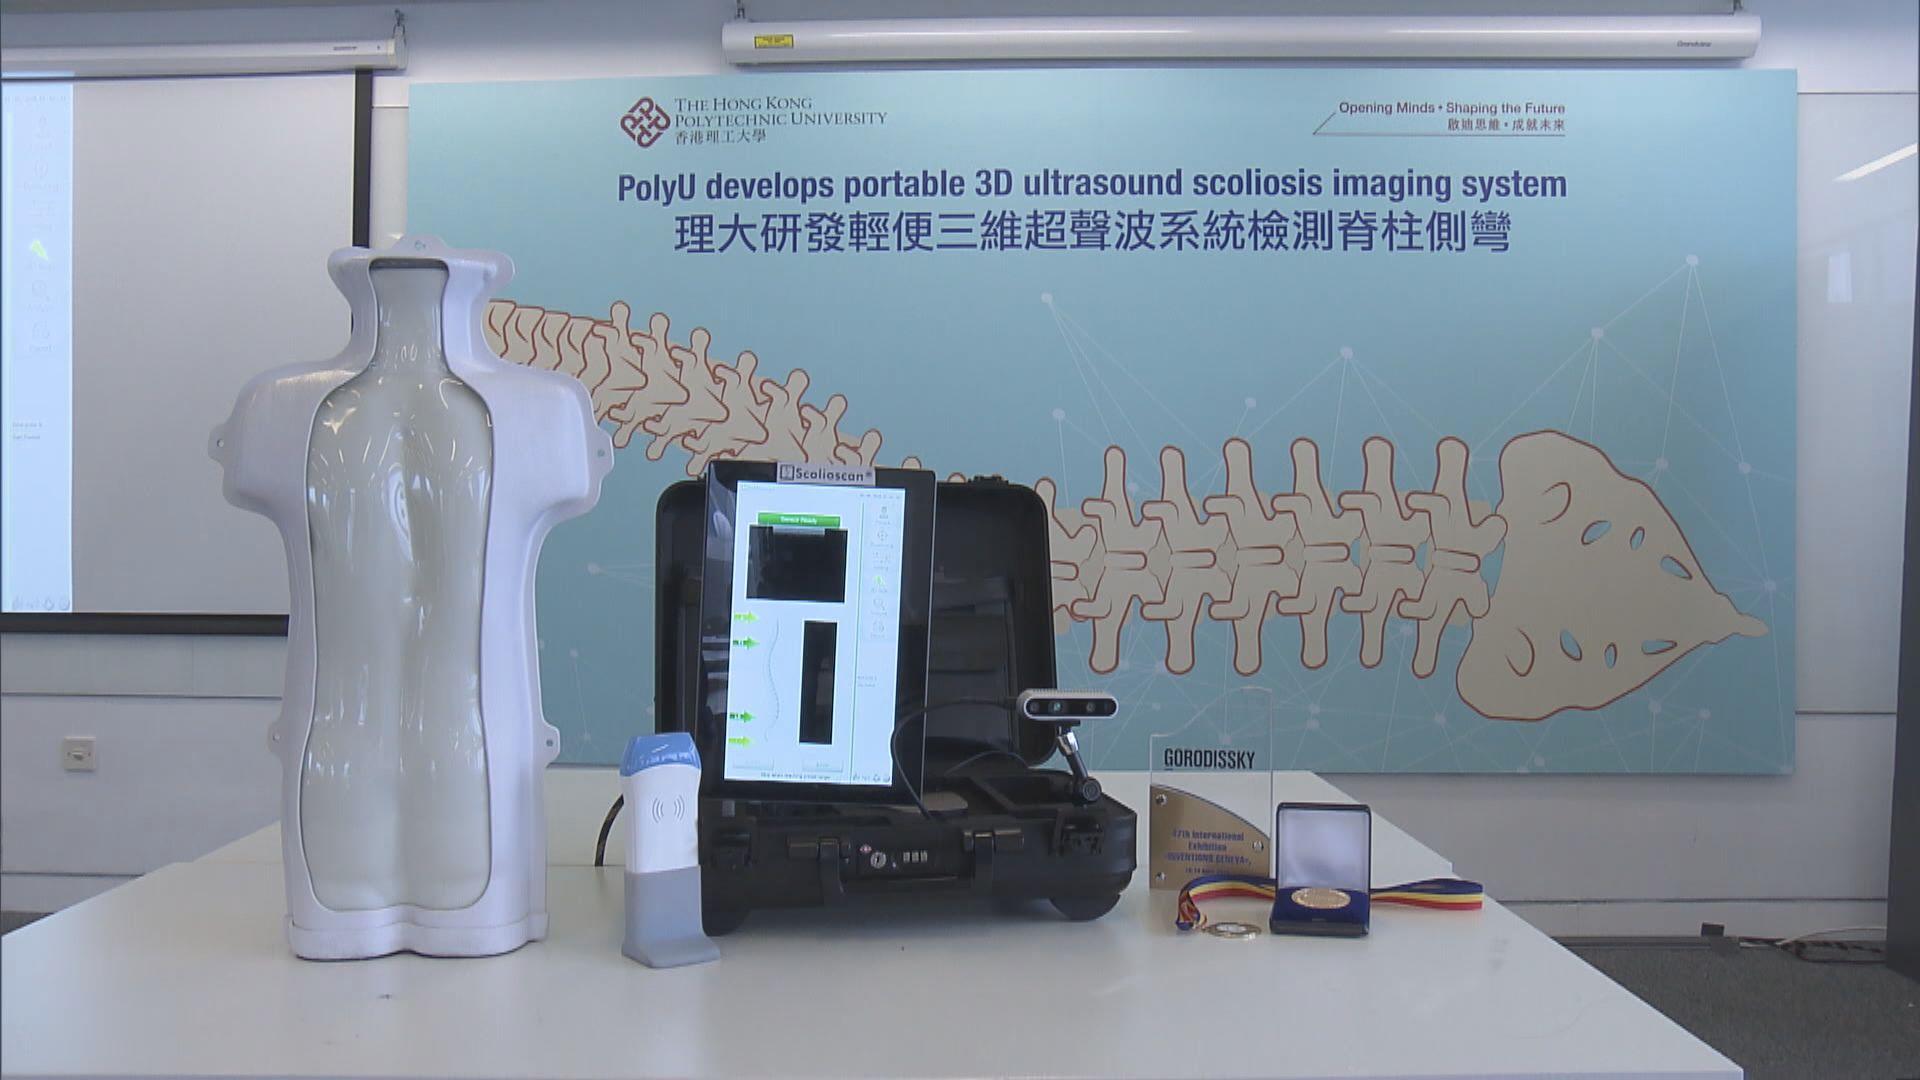 理大研發超聲波系統用作脊柱側彎檢查